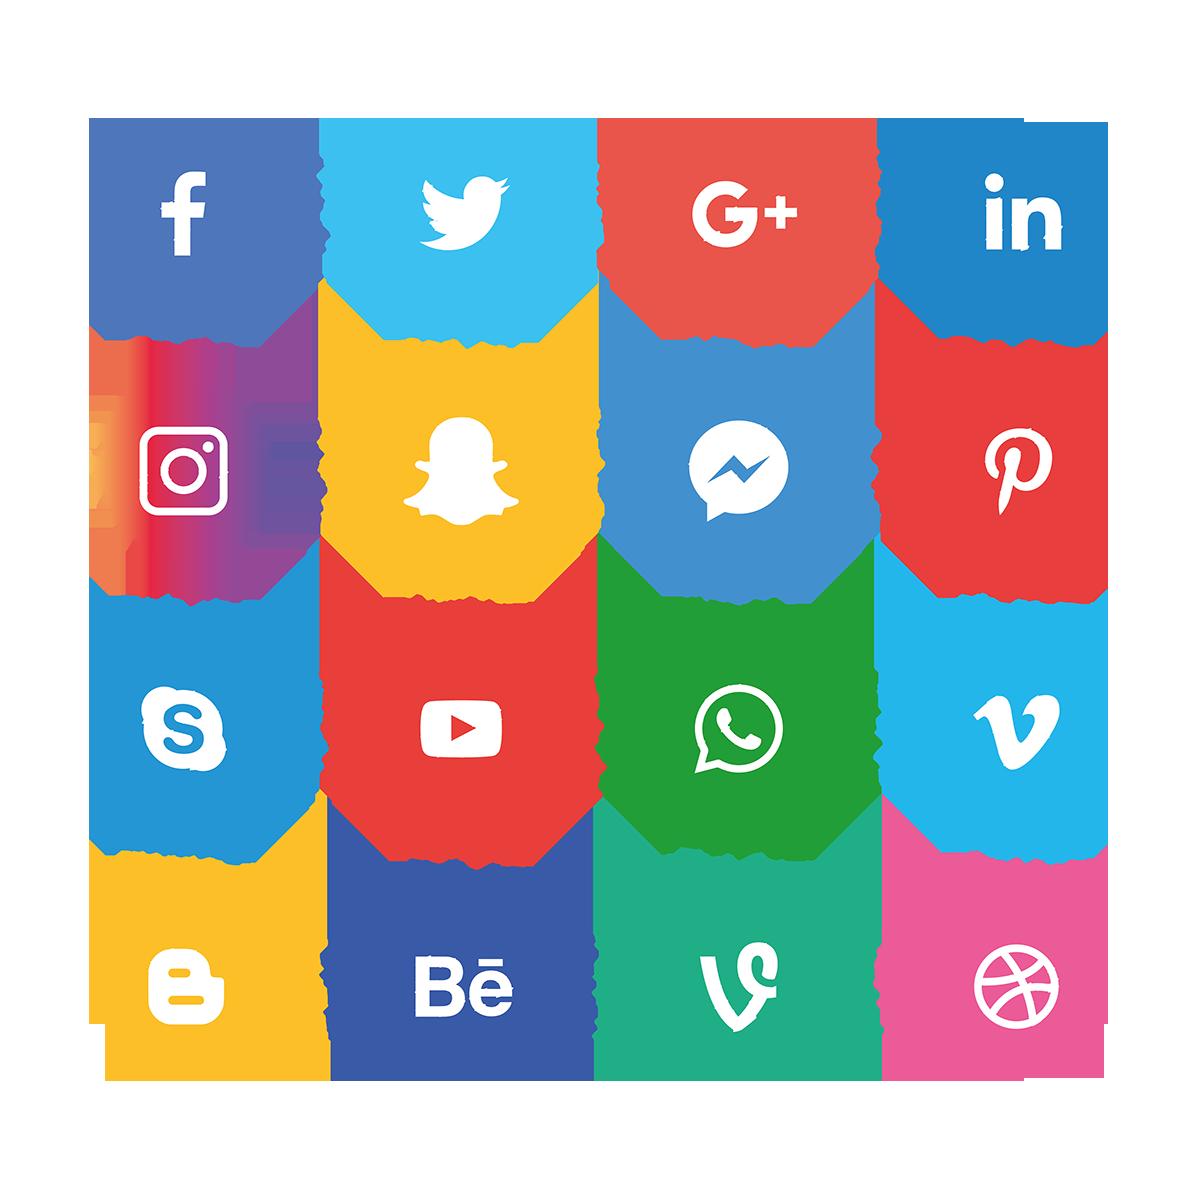 social media icons di 2020 Ikon, Gambar simpel, Gambar